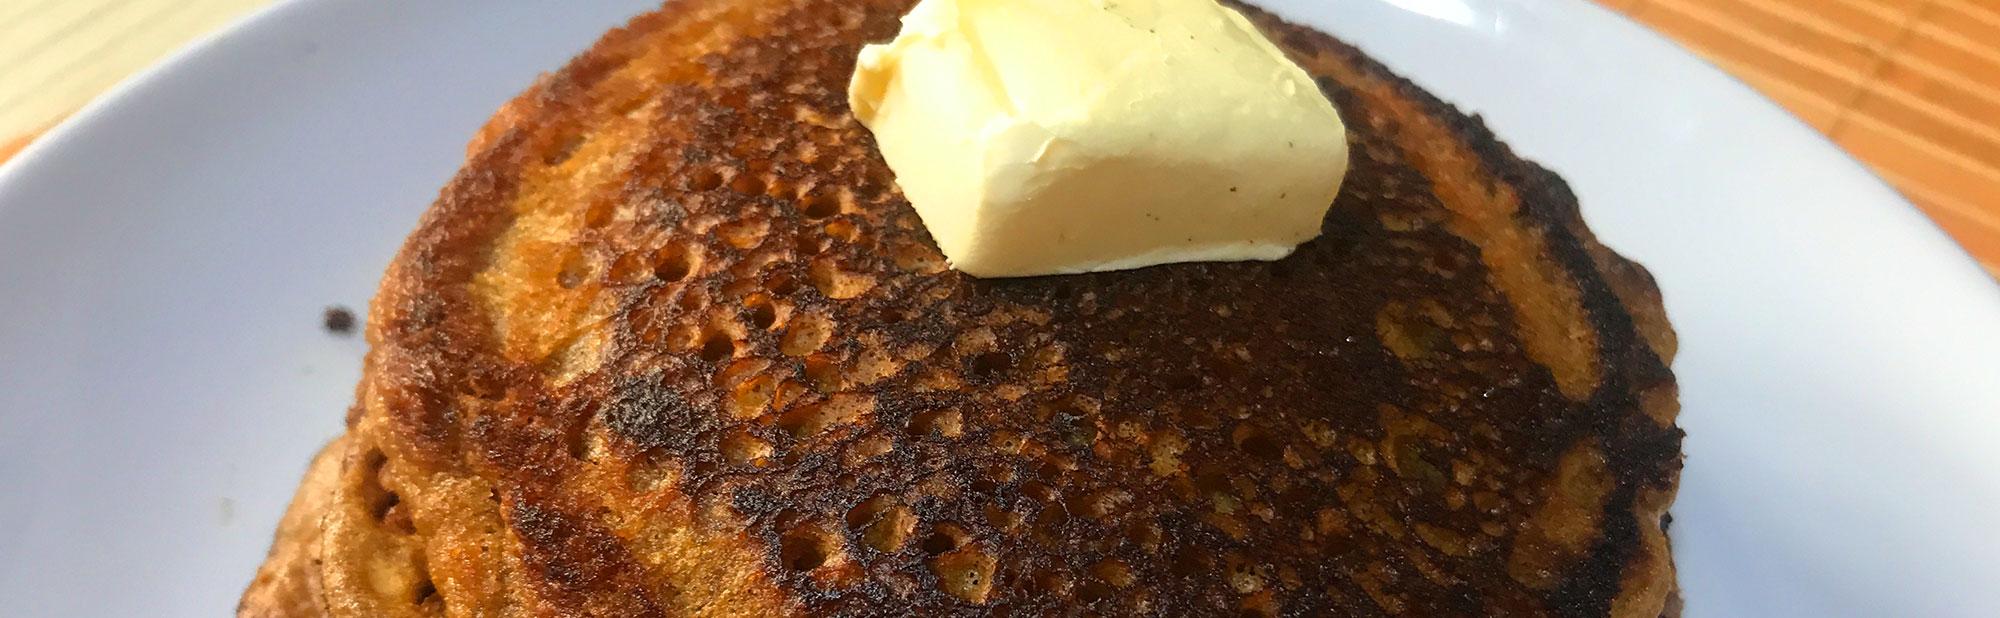 La Antojadera | Hot Cake de Café